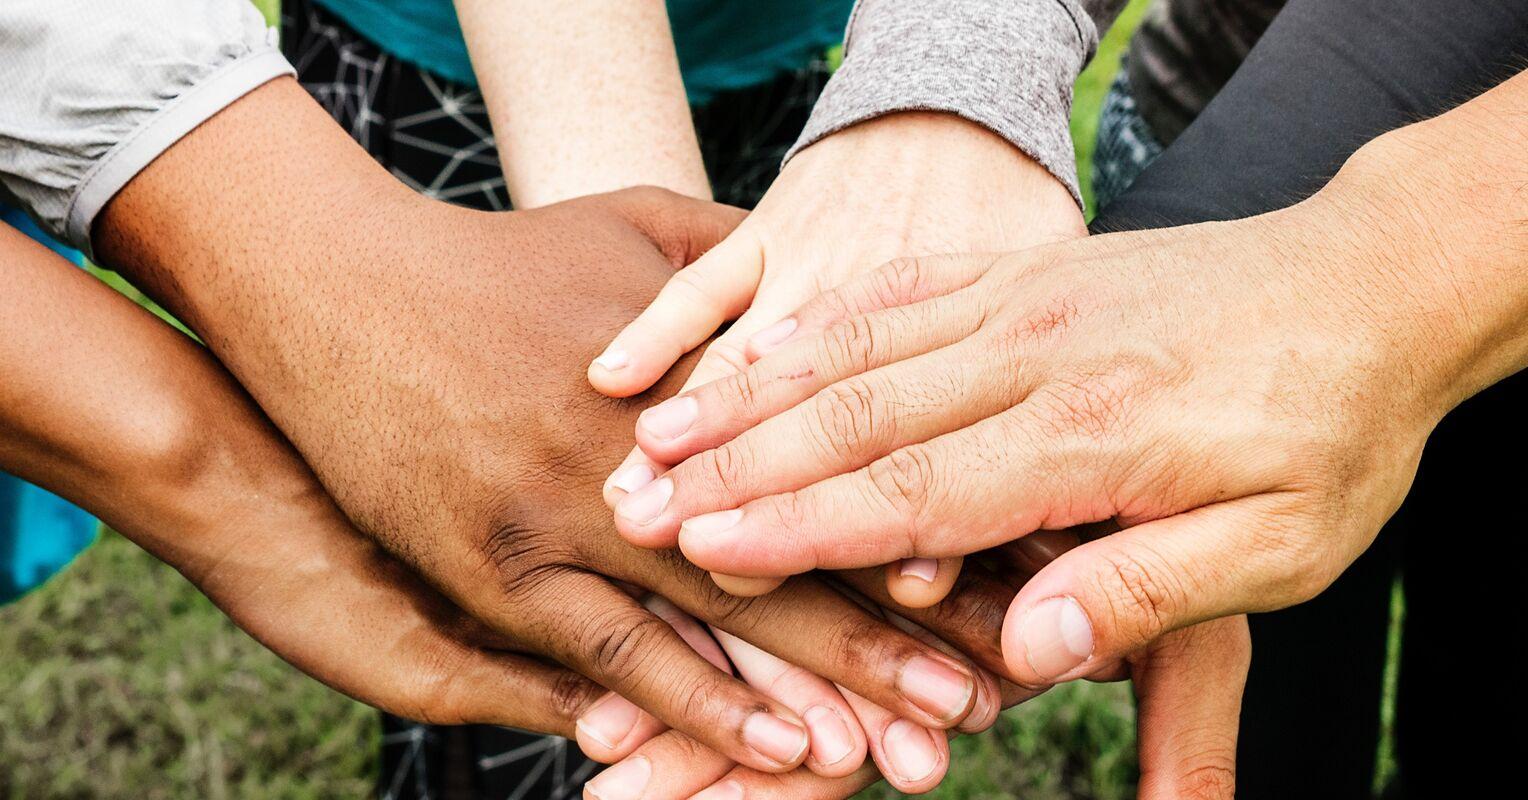 Por qué necesitamos diversidad |  Psicología Hoy